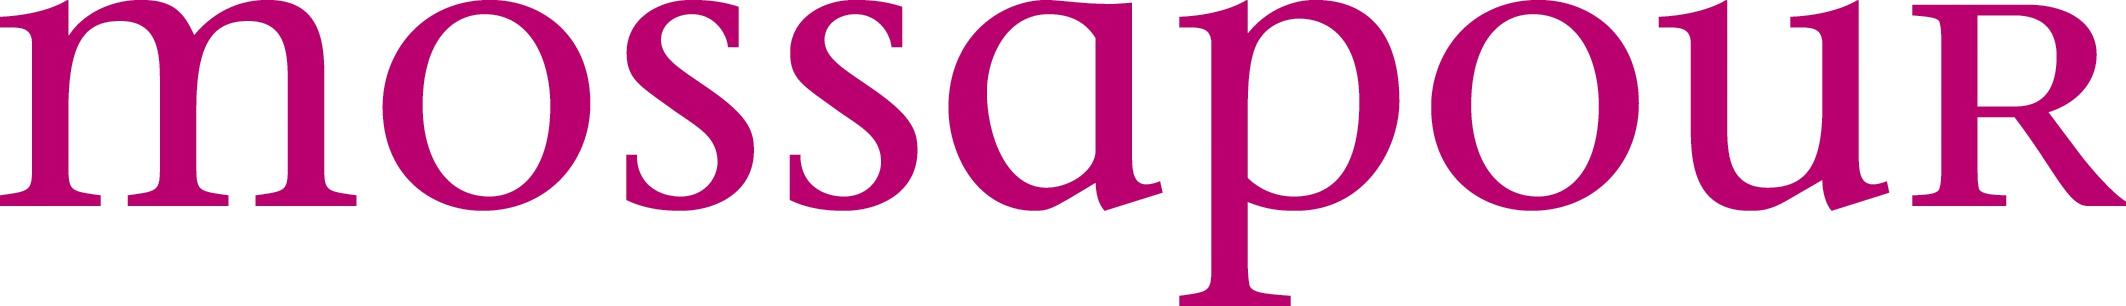 Logo Mossapour